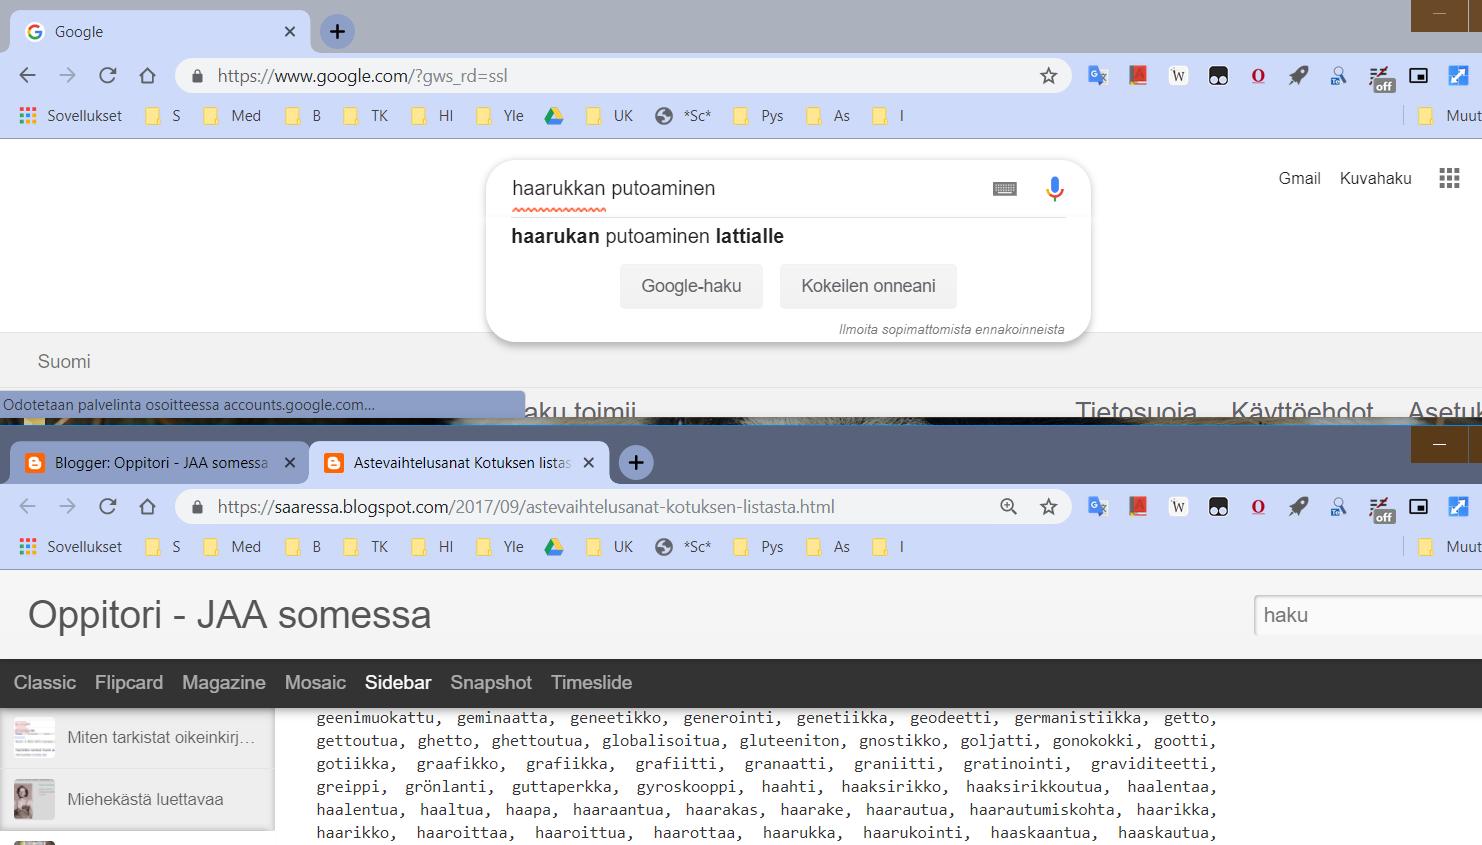 017dd0d1ad69 Tässä laboroidaan Googlen haun ennakoinnilla ja astevaihtelusanoilla.  Ideana on, että sanaa taivutetaan. Ennakointi kertoo, onko sanaa taivutettu  tai ...